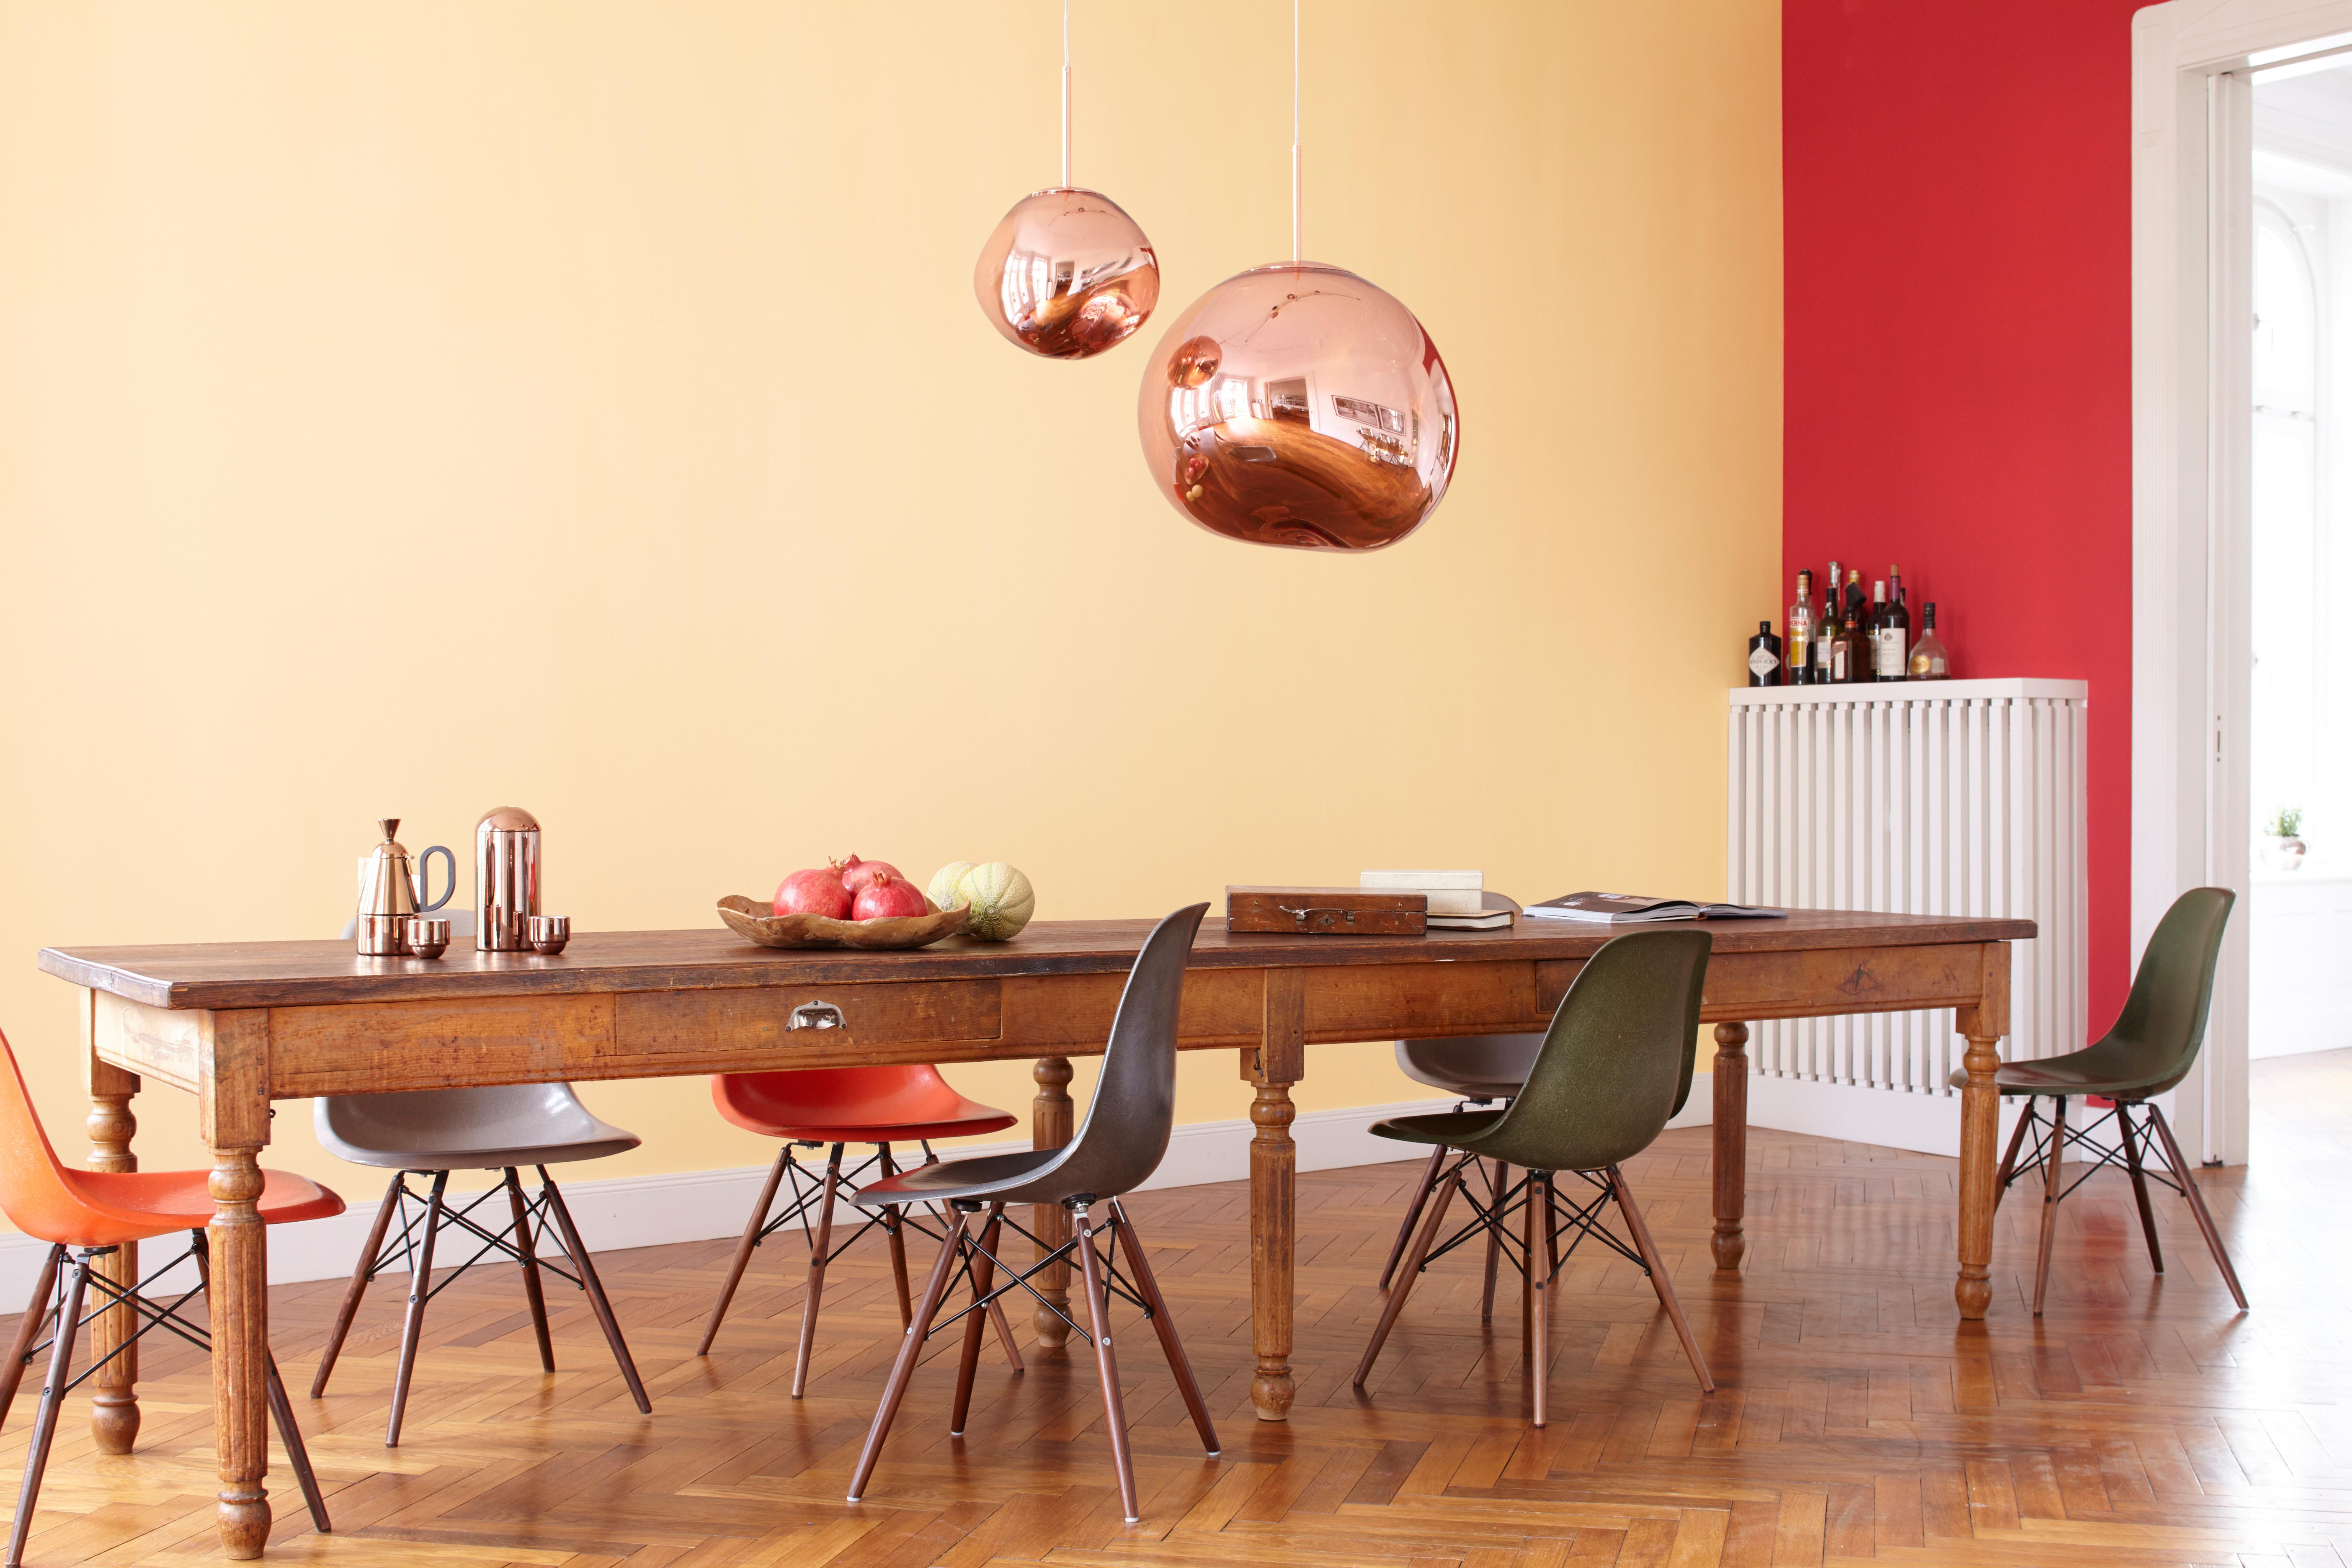 Warmes, Gemütliches Esszimmer Mit Holztisch Und Messinglampen Vor Einer  Orange Roten Wand In Der Alpina